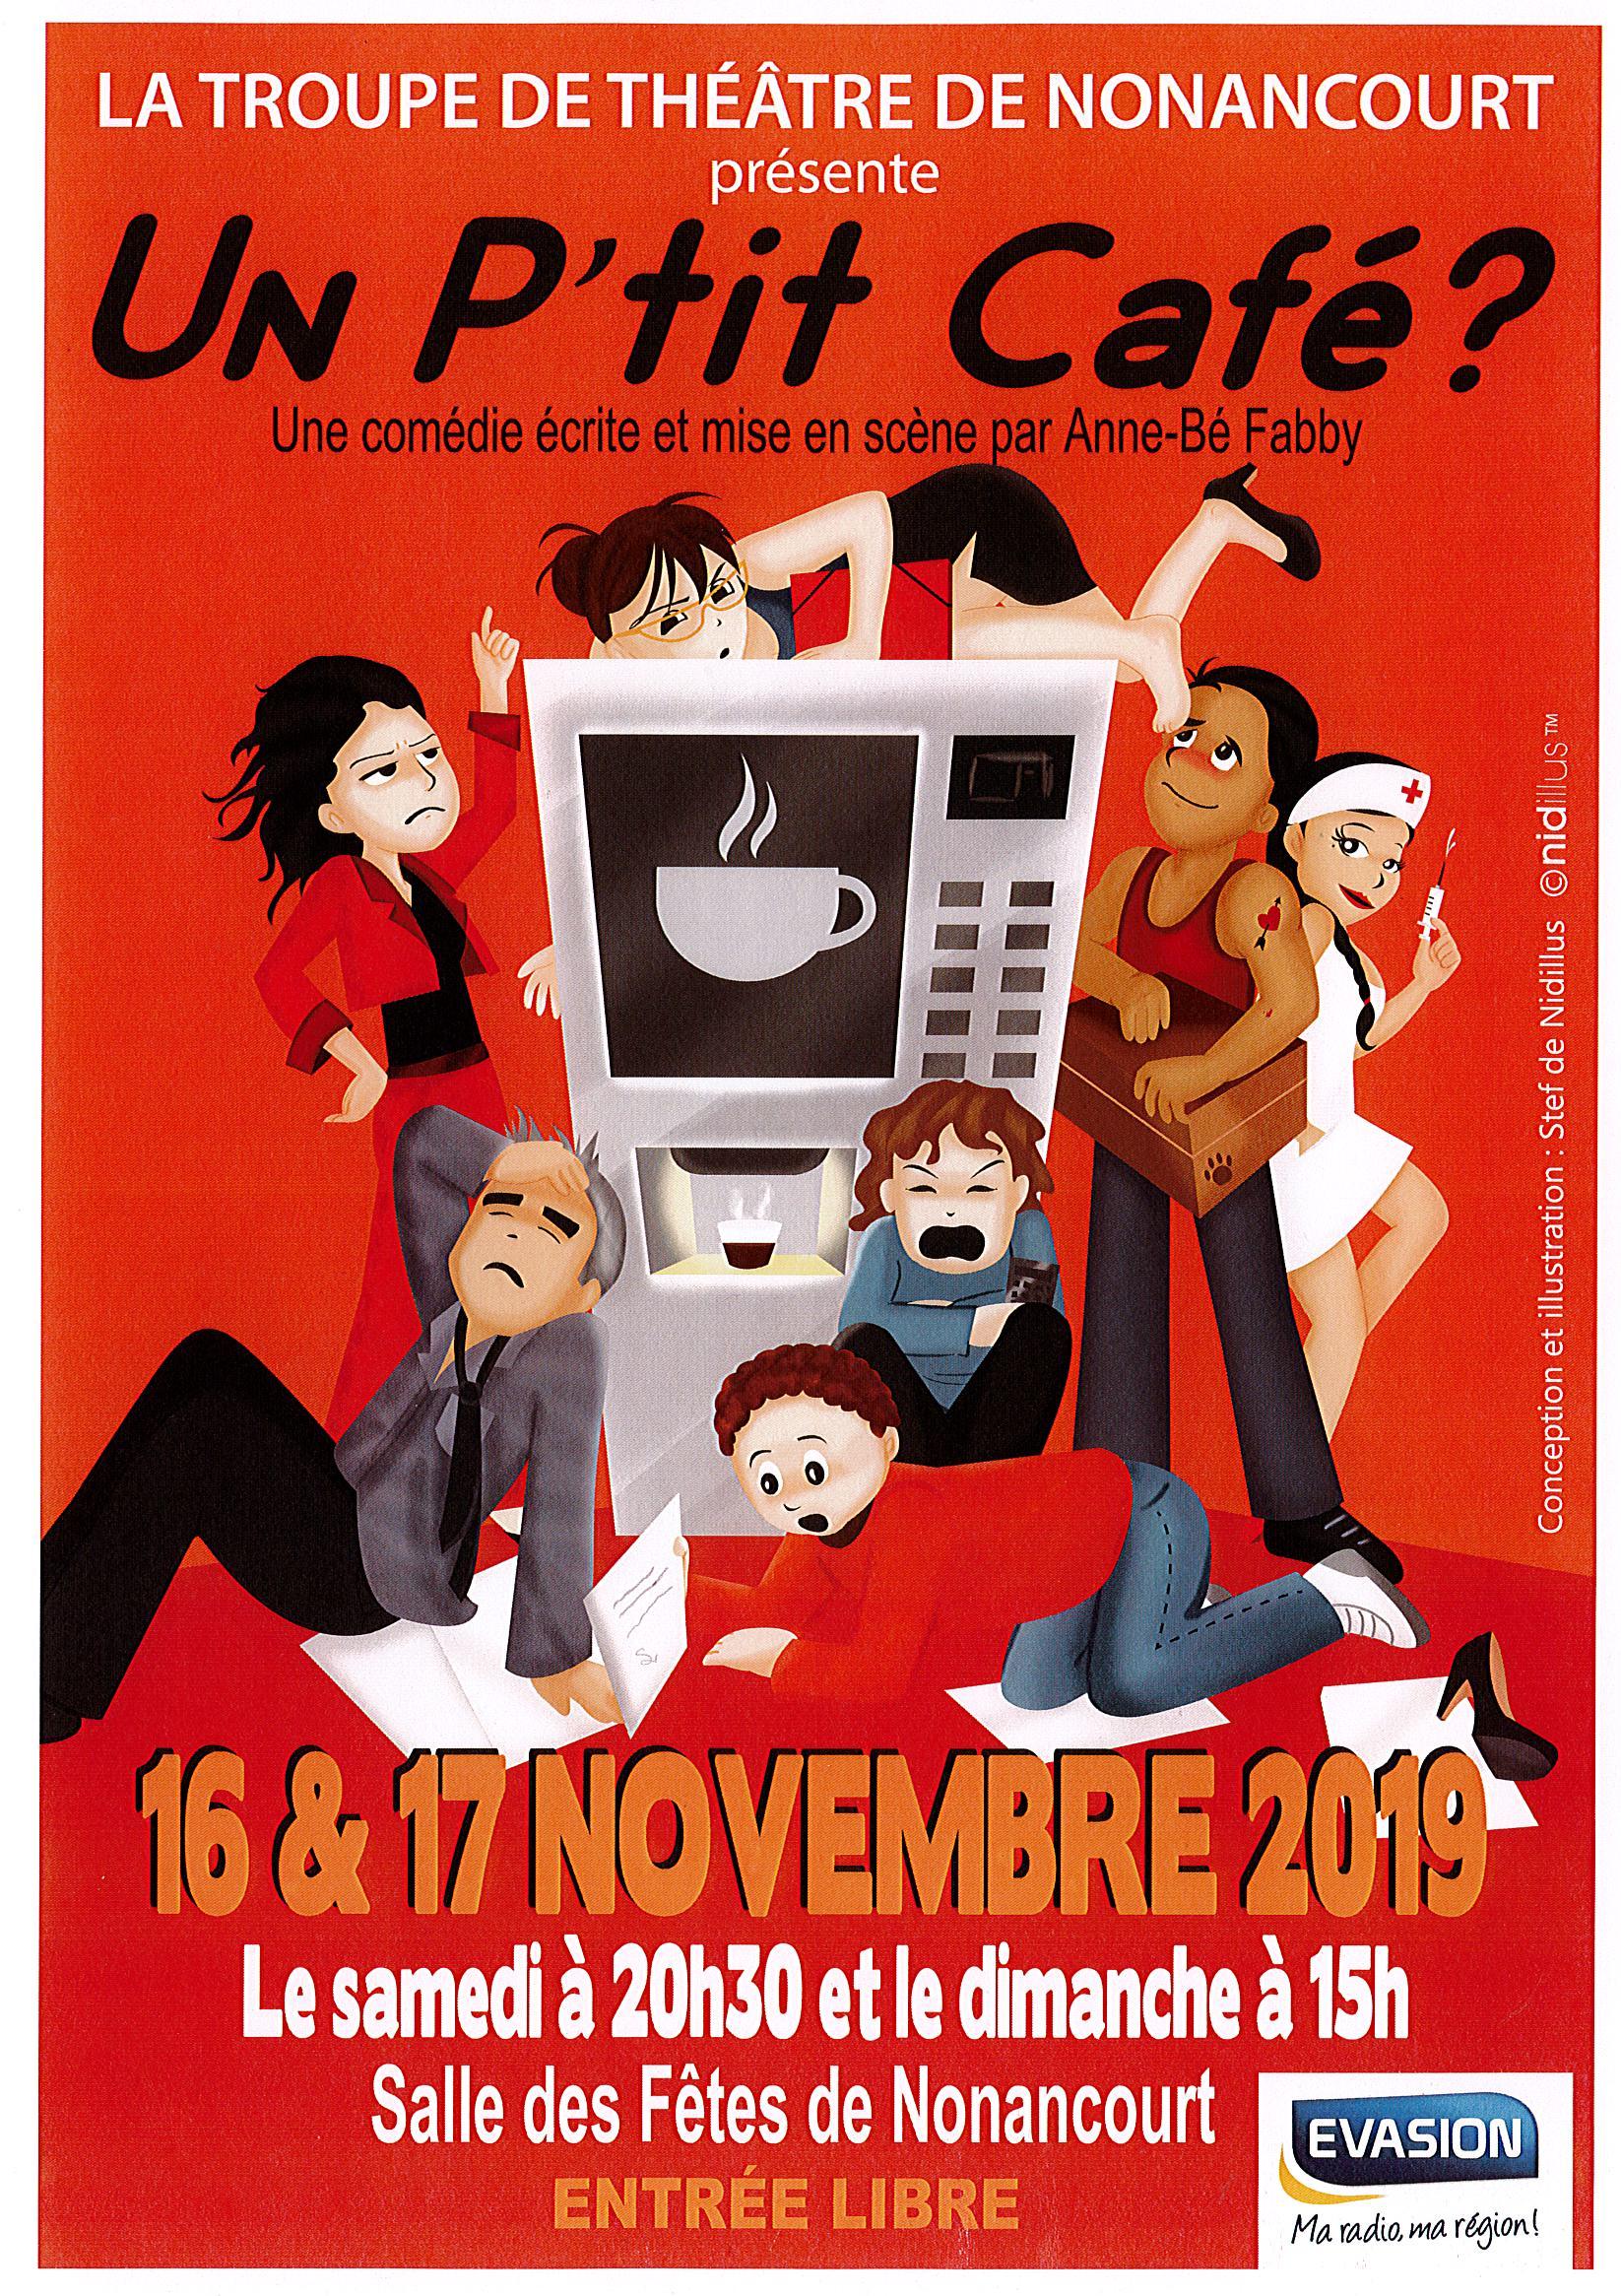 Théâtre : Un p'tit café